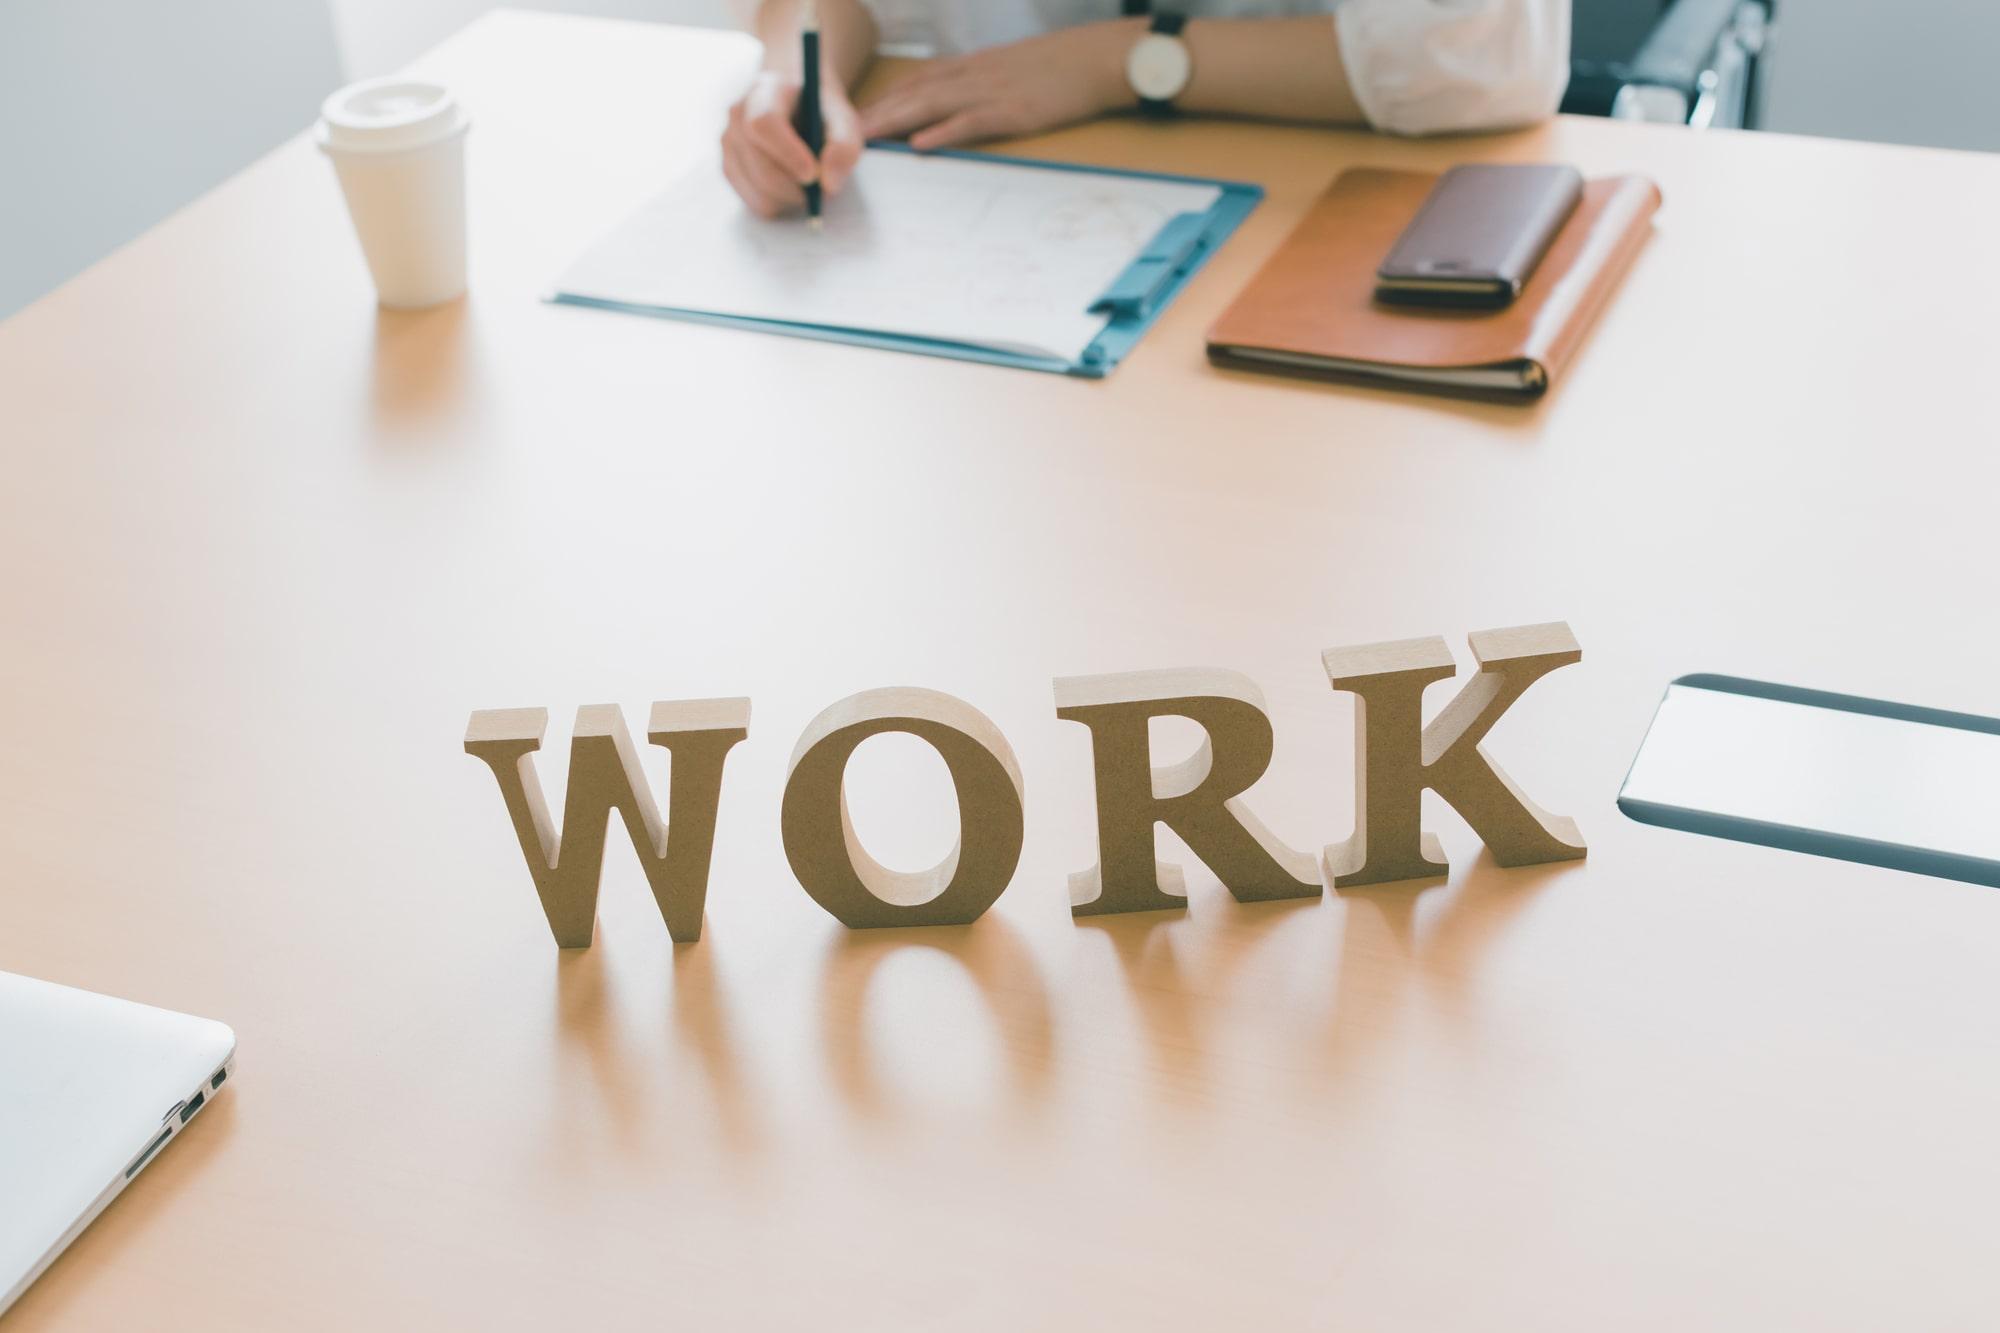 """意識するべきは?コロナ時代に""""働く""""ということ TIME SHARING タイムシェアリング  スペースマネジメント あどばる adval SHARING"""